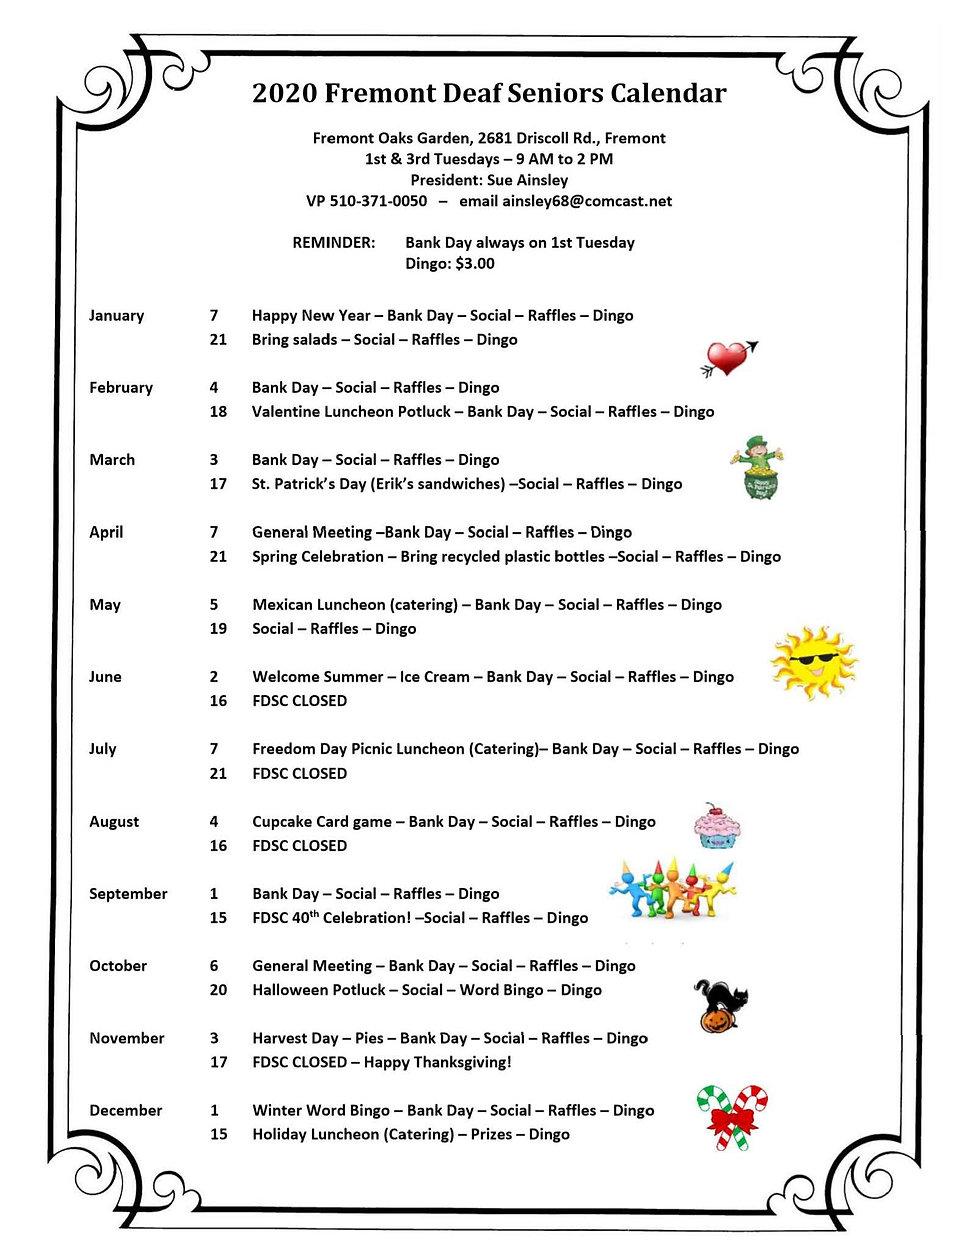 2020 Fremont DSC Calendar.jpg